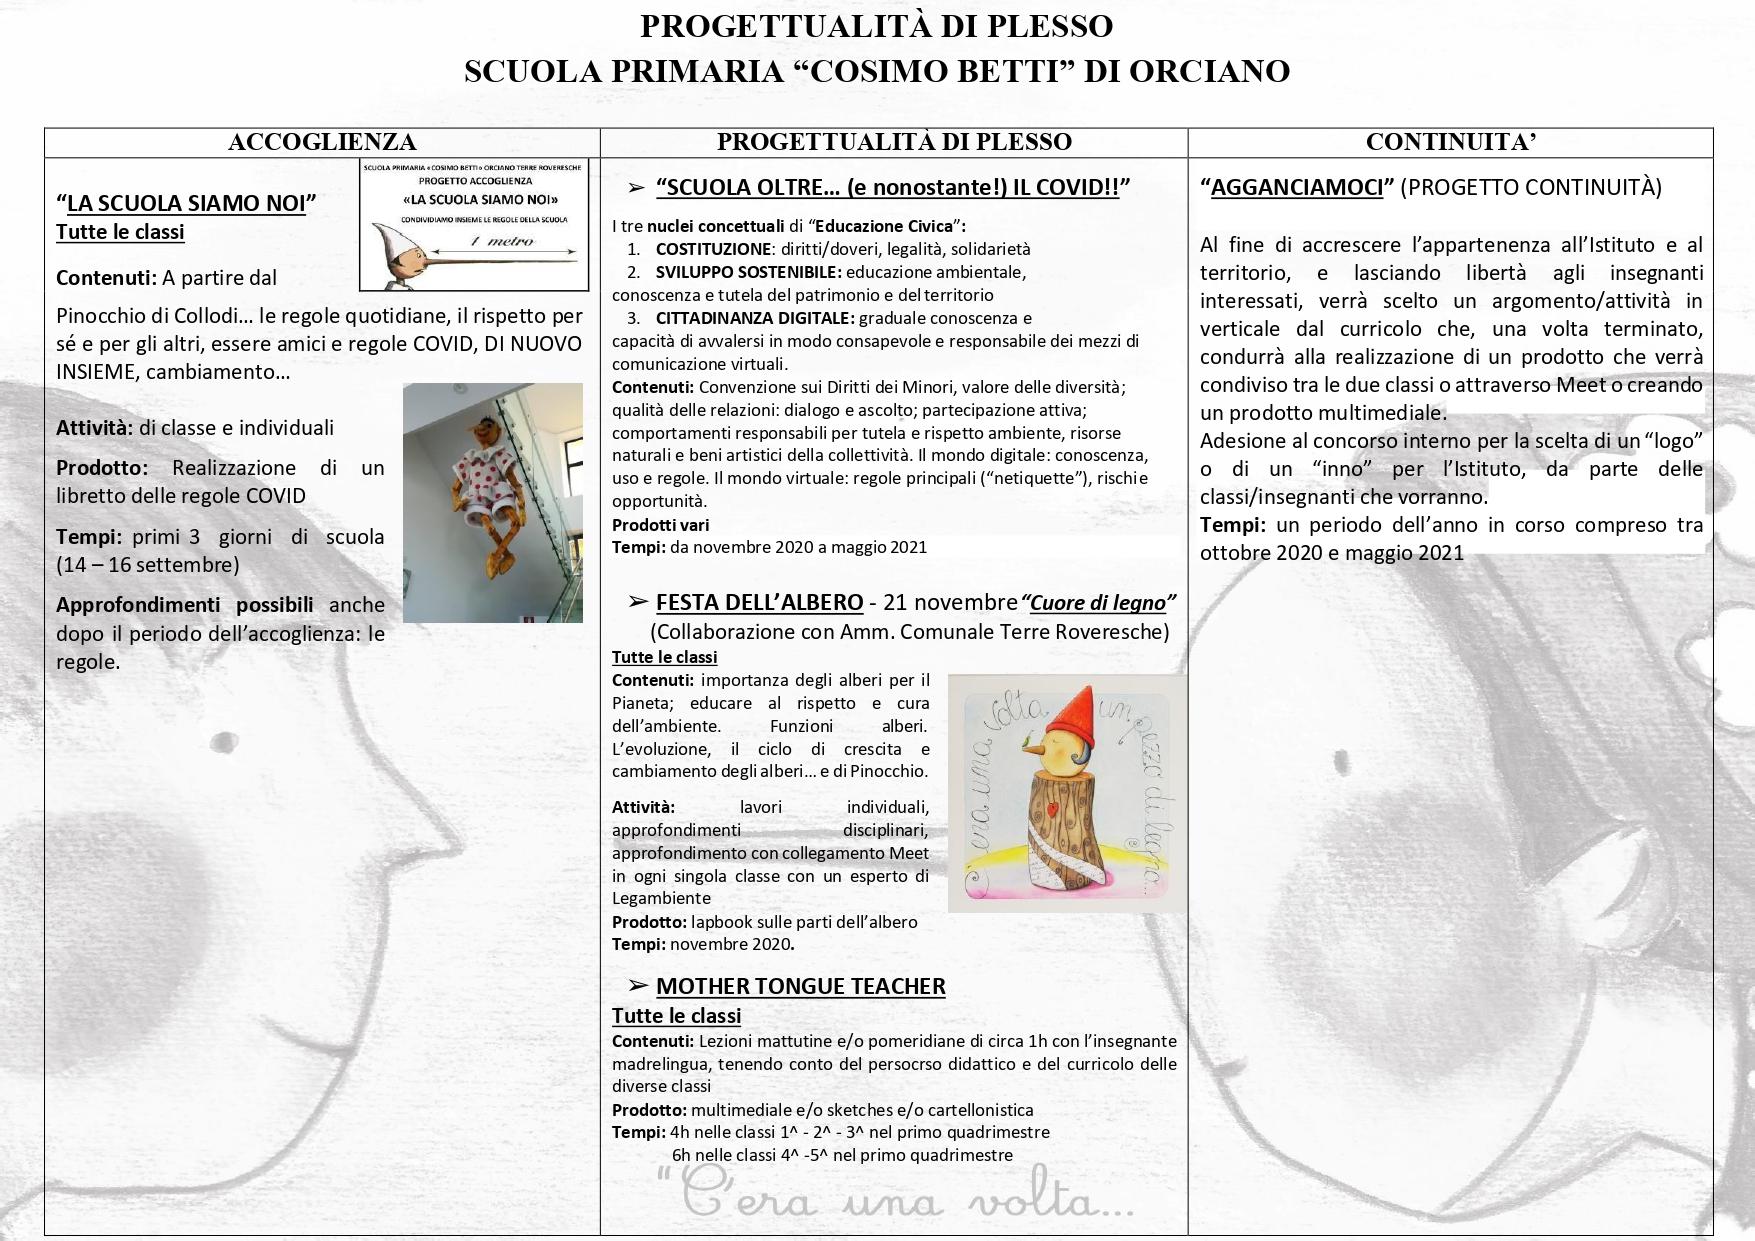 immagine prog PRIMARIA ORCIANO